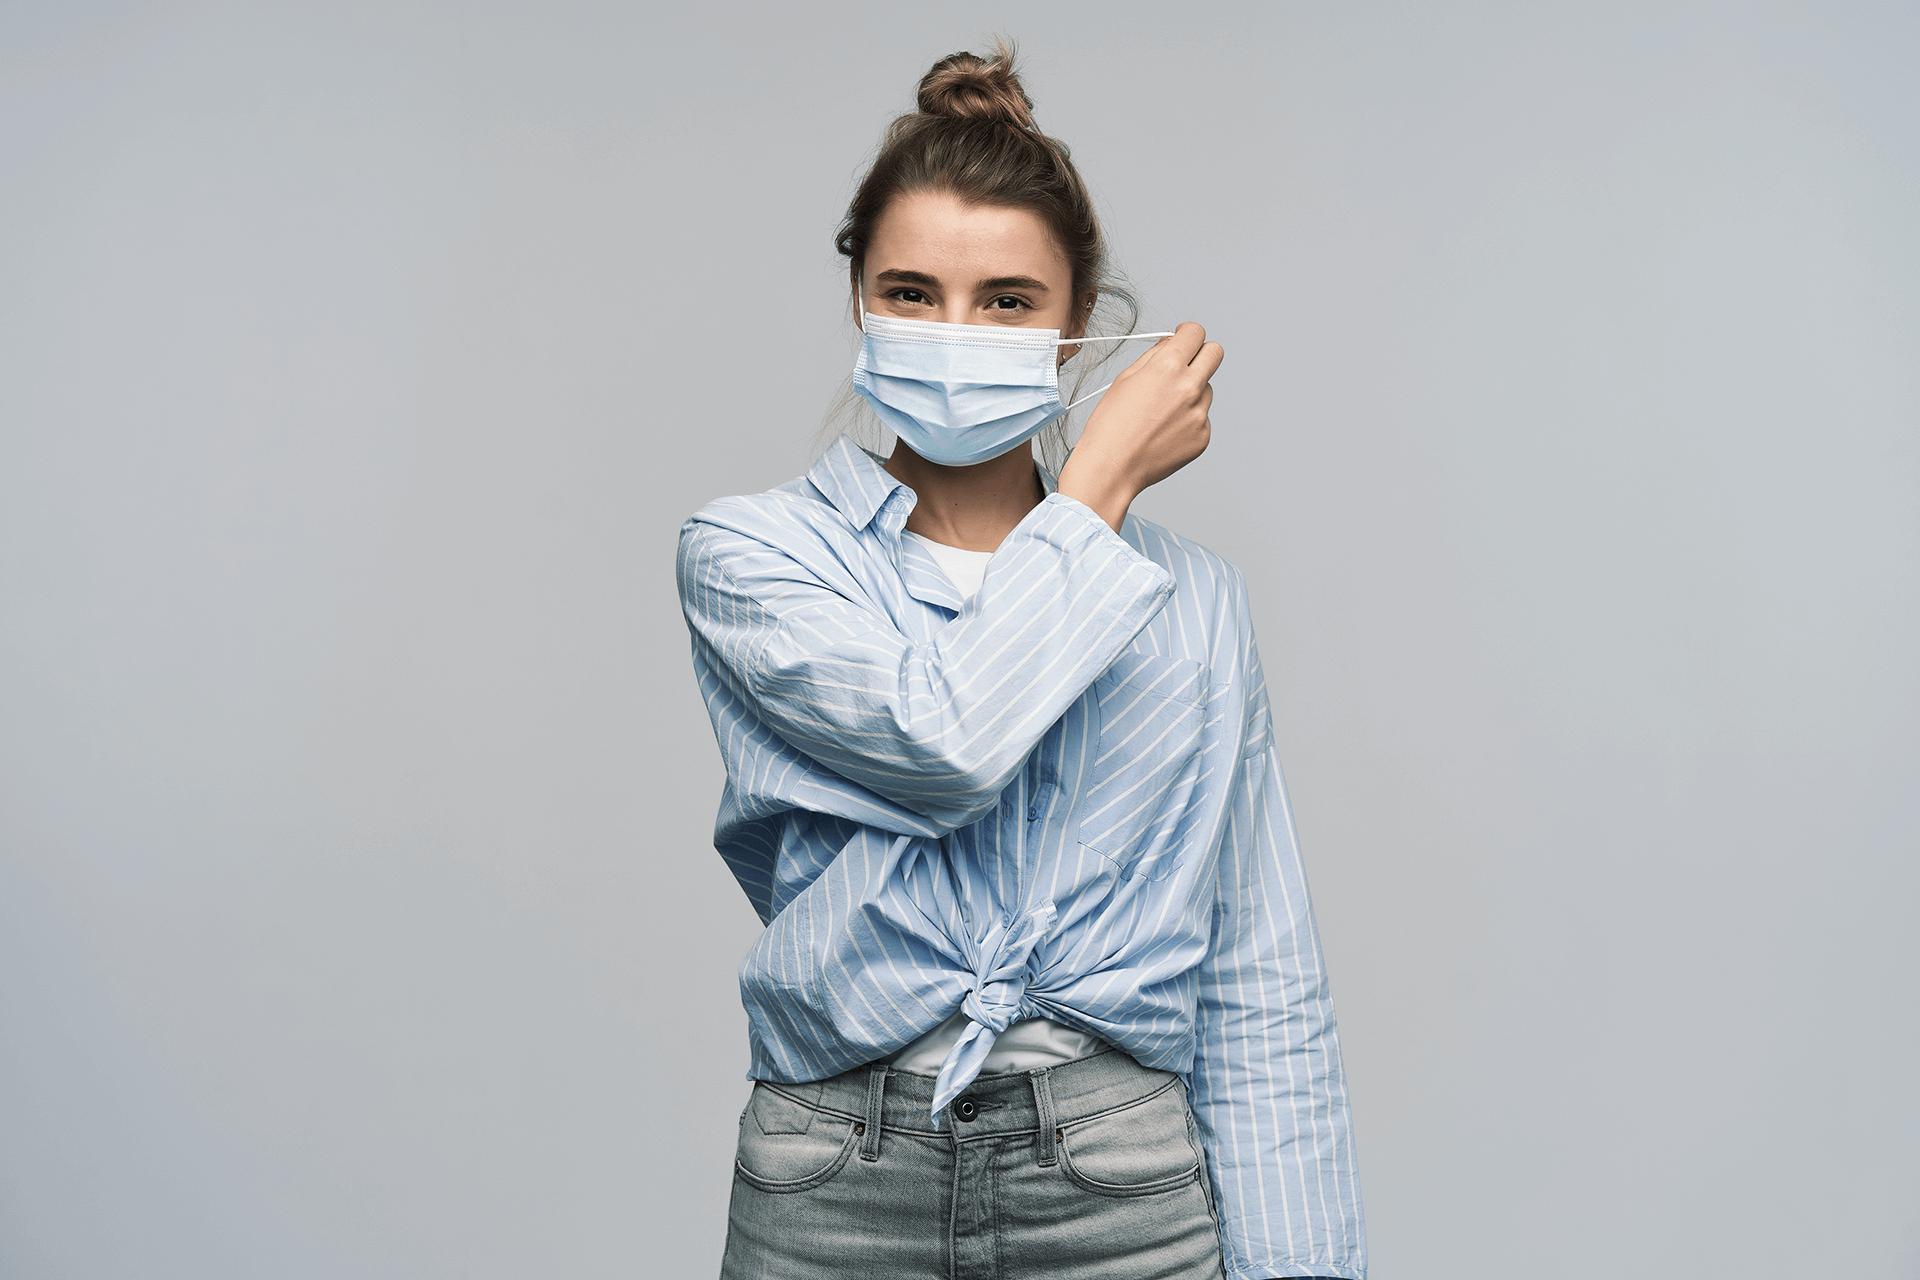 Doenças bucais também são fator de risco para covid-19